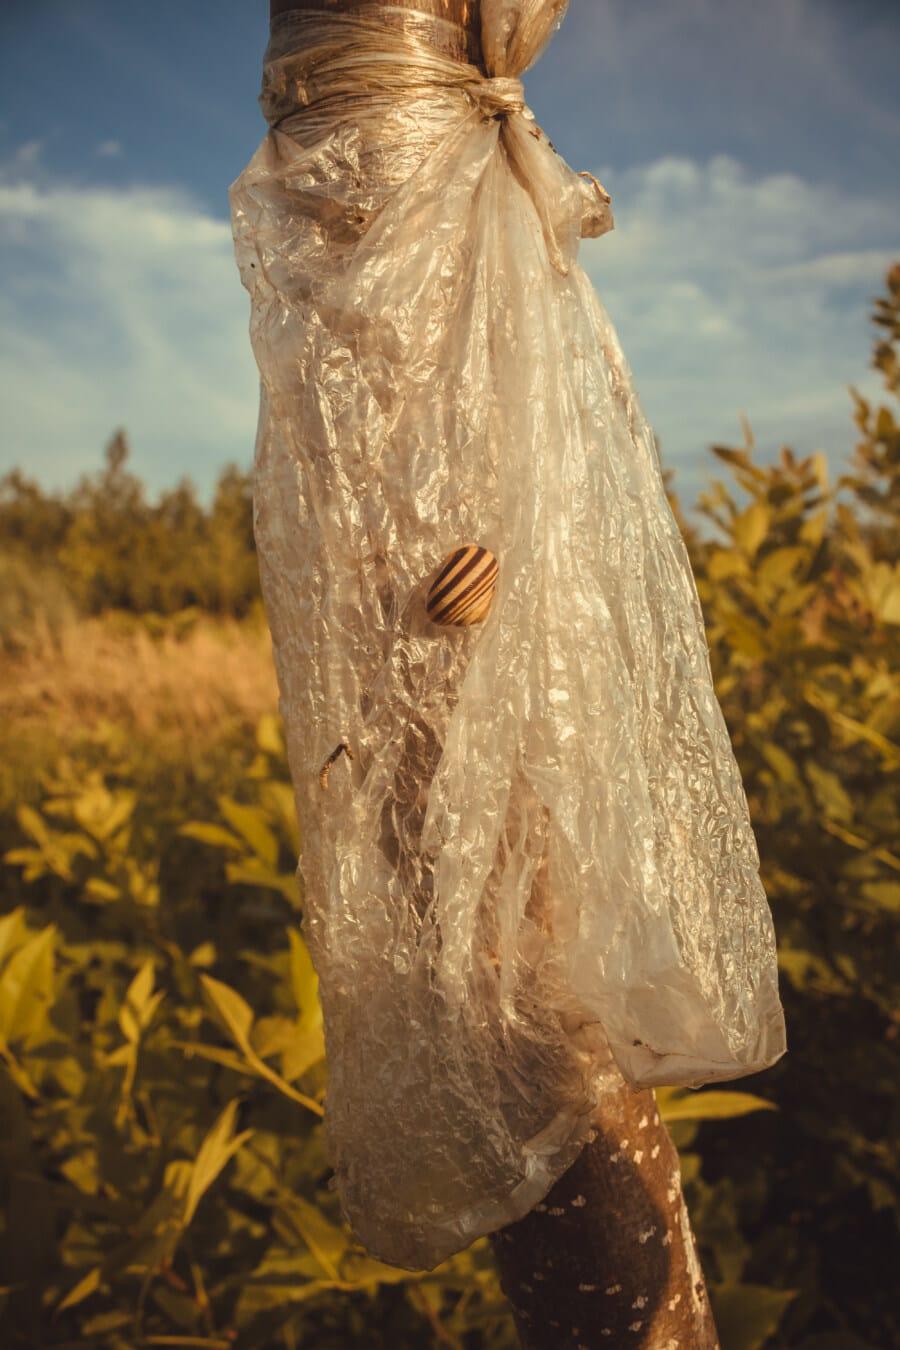 liten, sneglen, lys brun, plast, nylon, plastpose, søppel, treet, natur, solnedgang